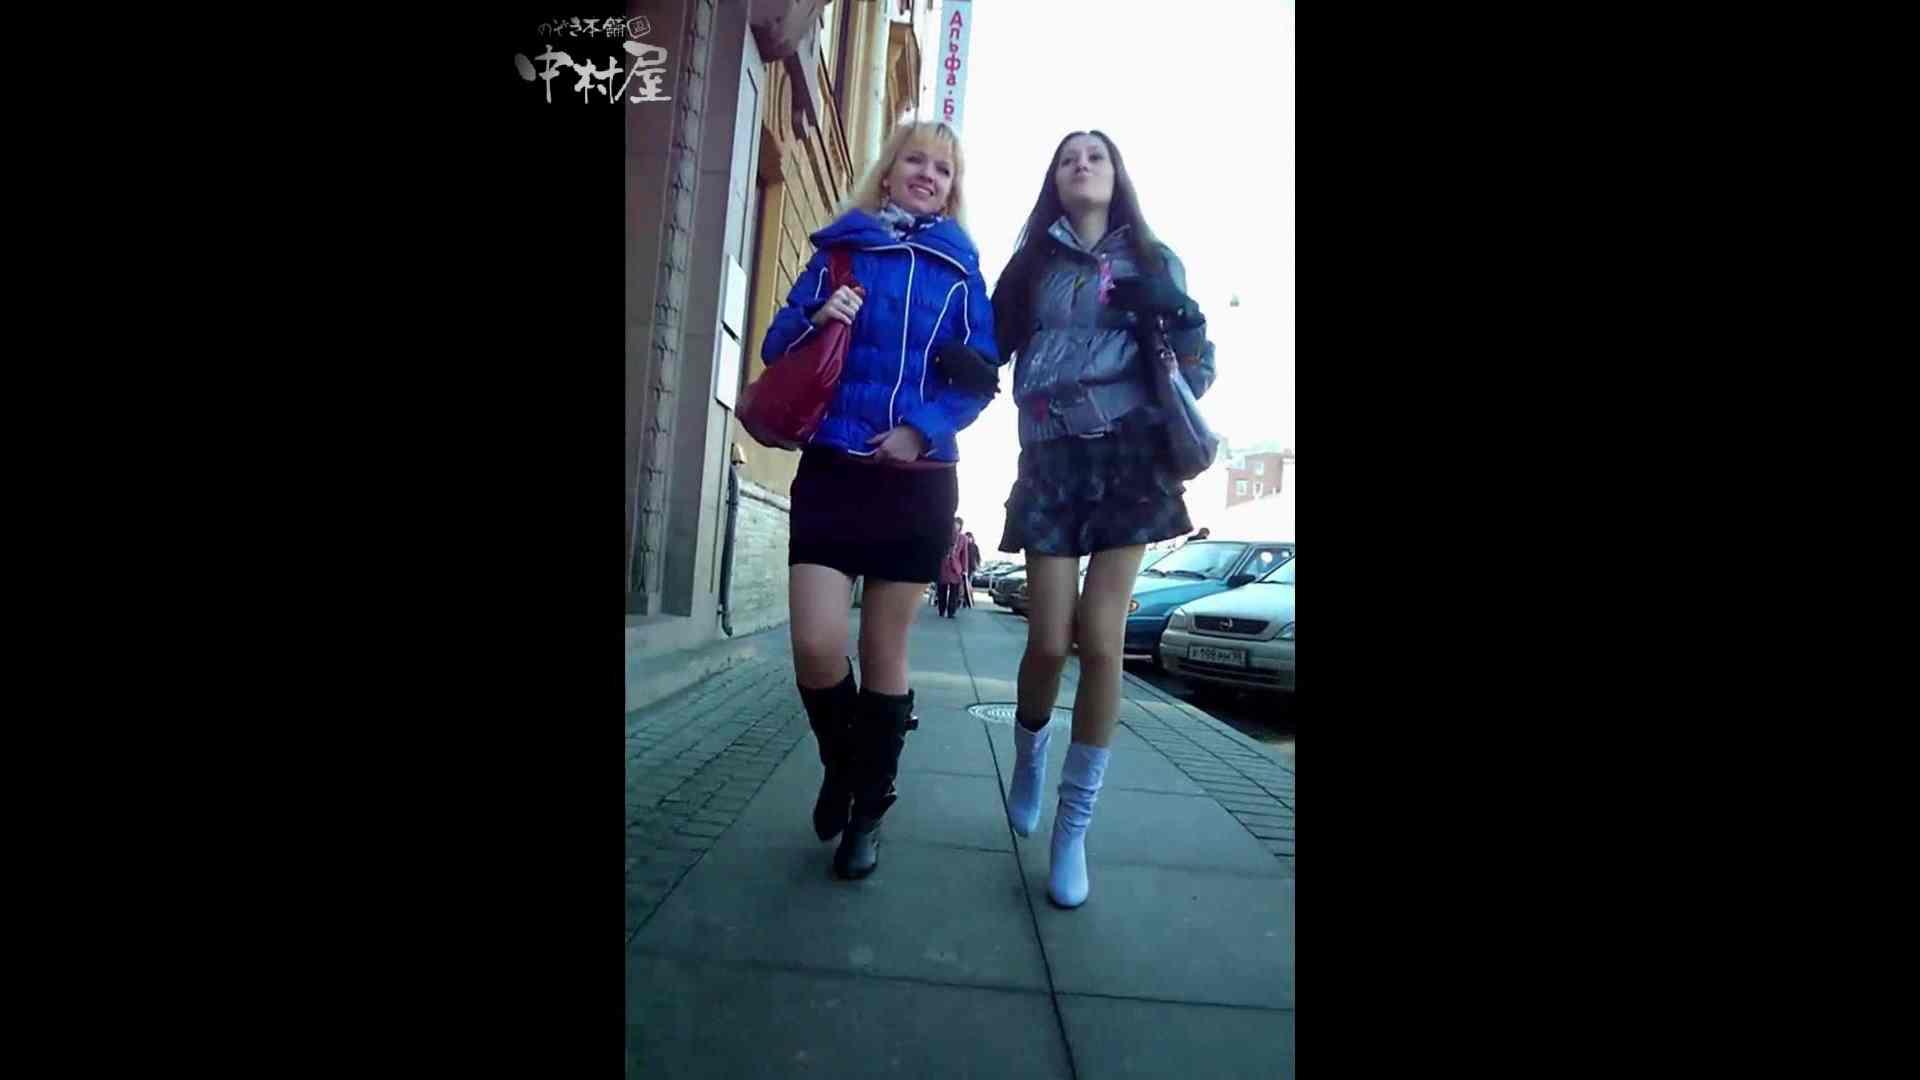 綺麗なモデルさんのスカート捲っちゃおう‼ vol12 お姉さんのエロ動画 | 0  84PIX 11